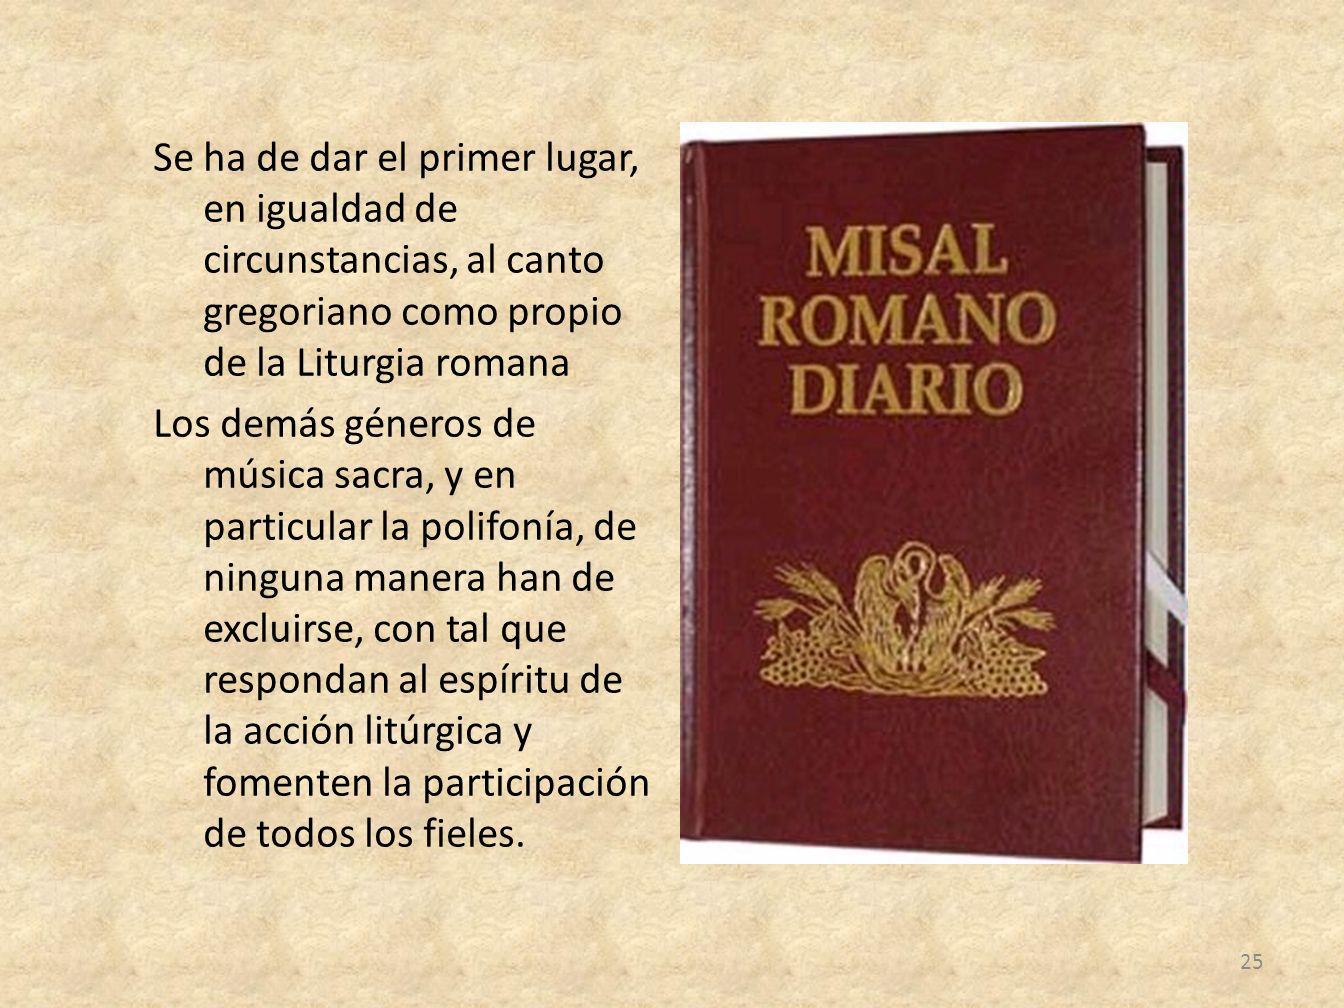 Se ha de dar el primer lugar, en igualdad de circunstancias, al canto gregoriano como propio de la Liturgia romana Los demás géneros de música sacra,